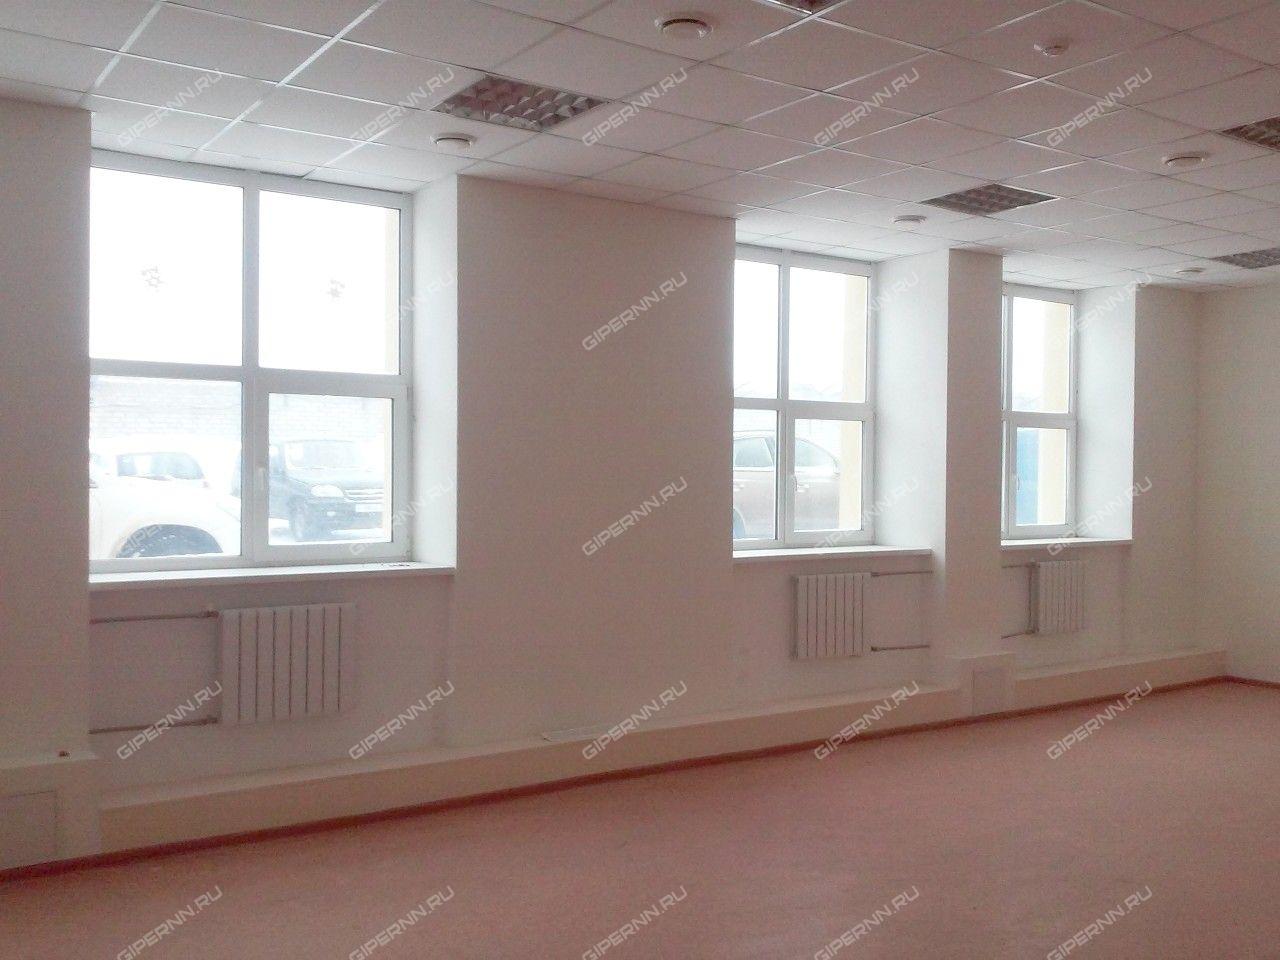 Аренда офиса, сенная площадь Аренда офиса в Москве от собственника без посредников Руставели улица